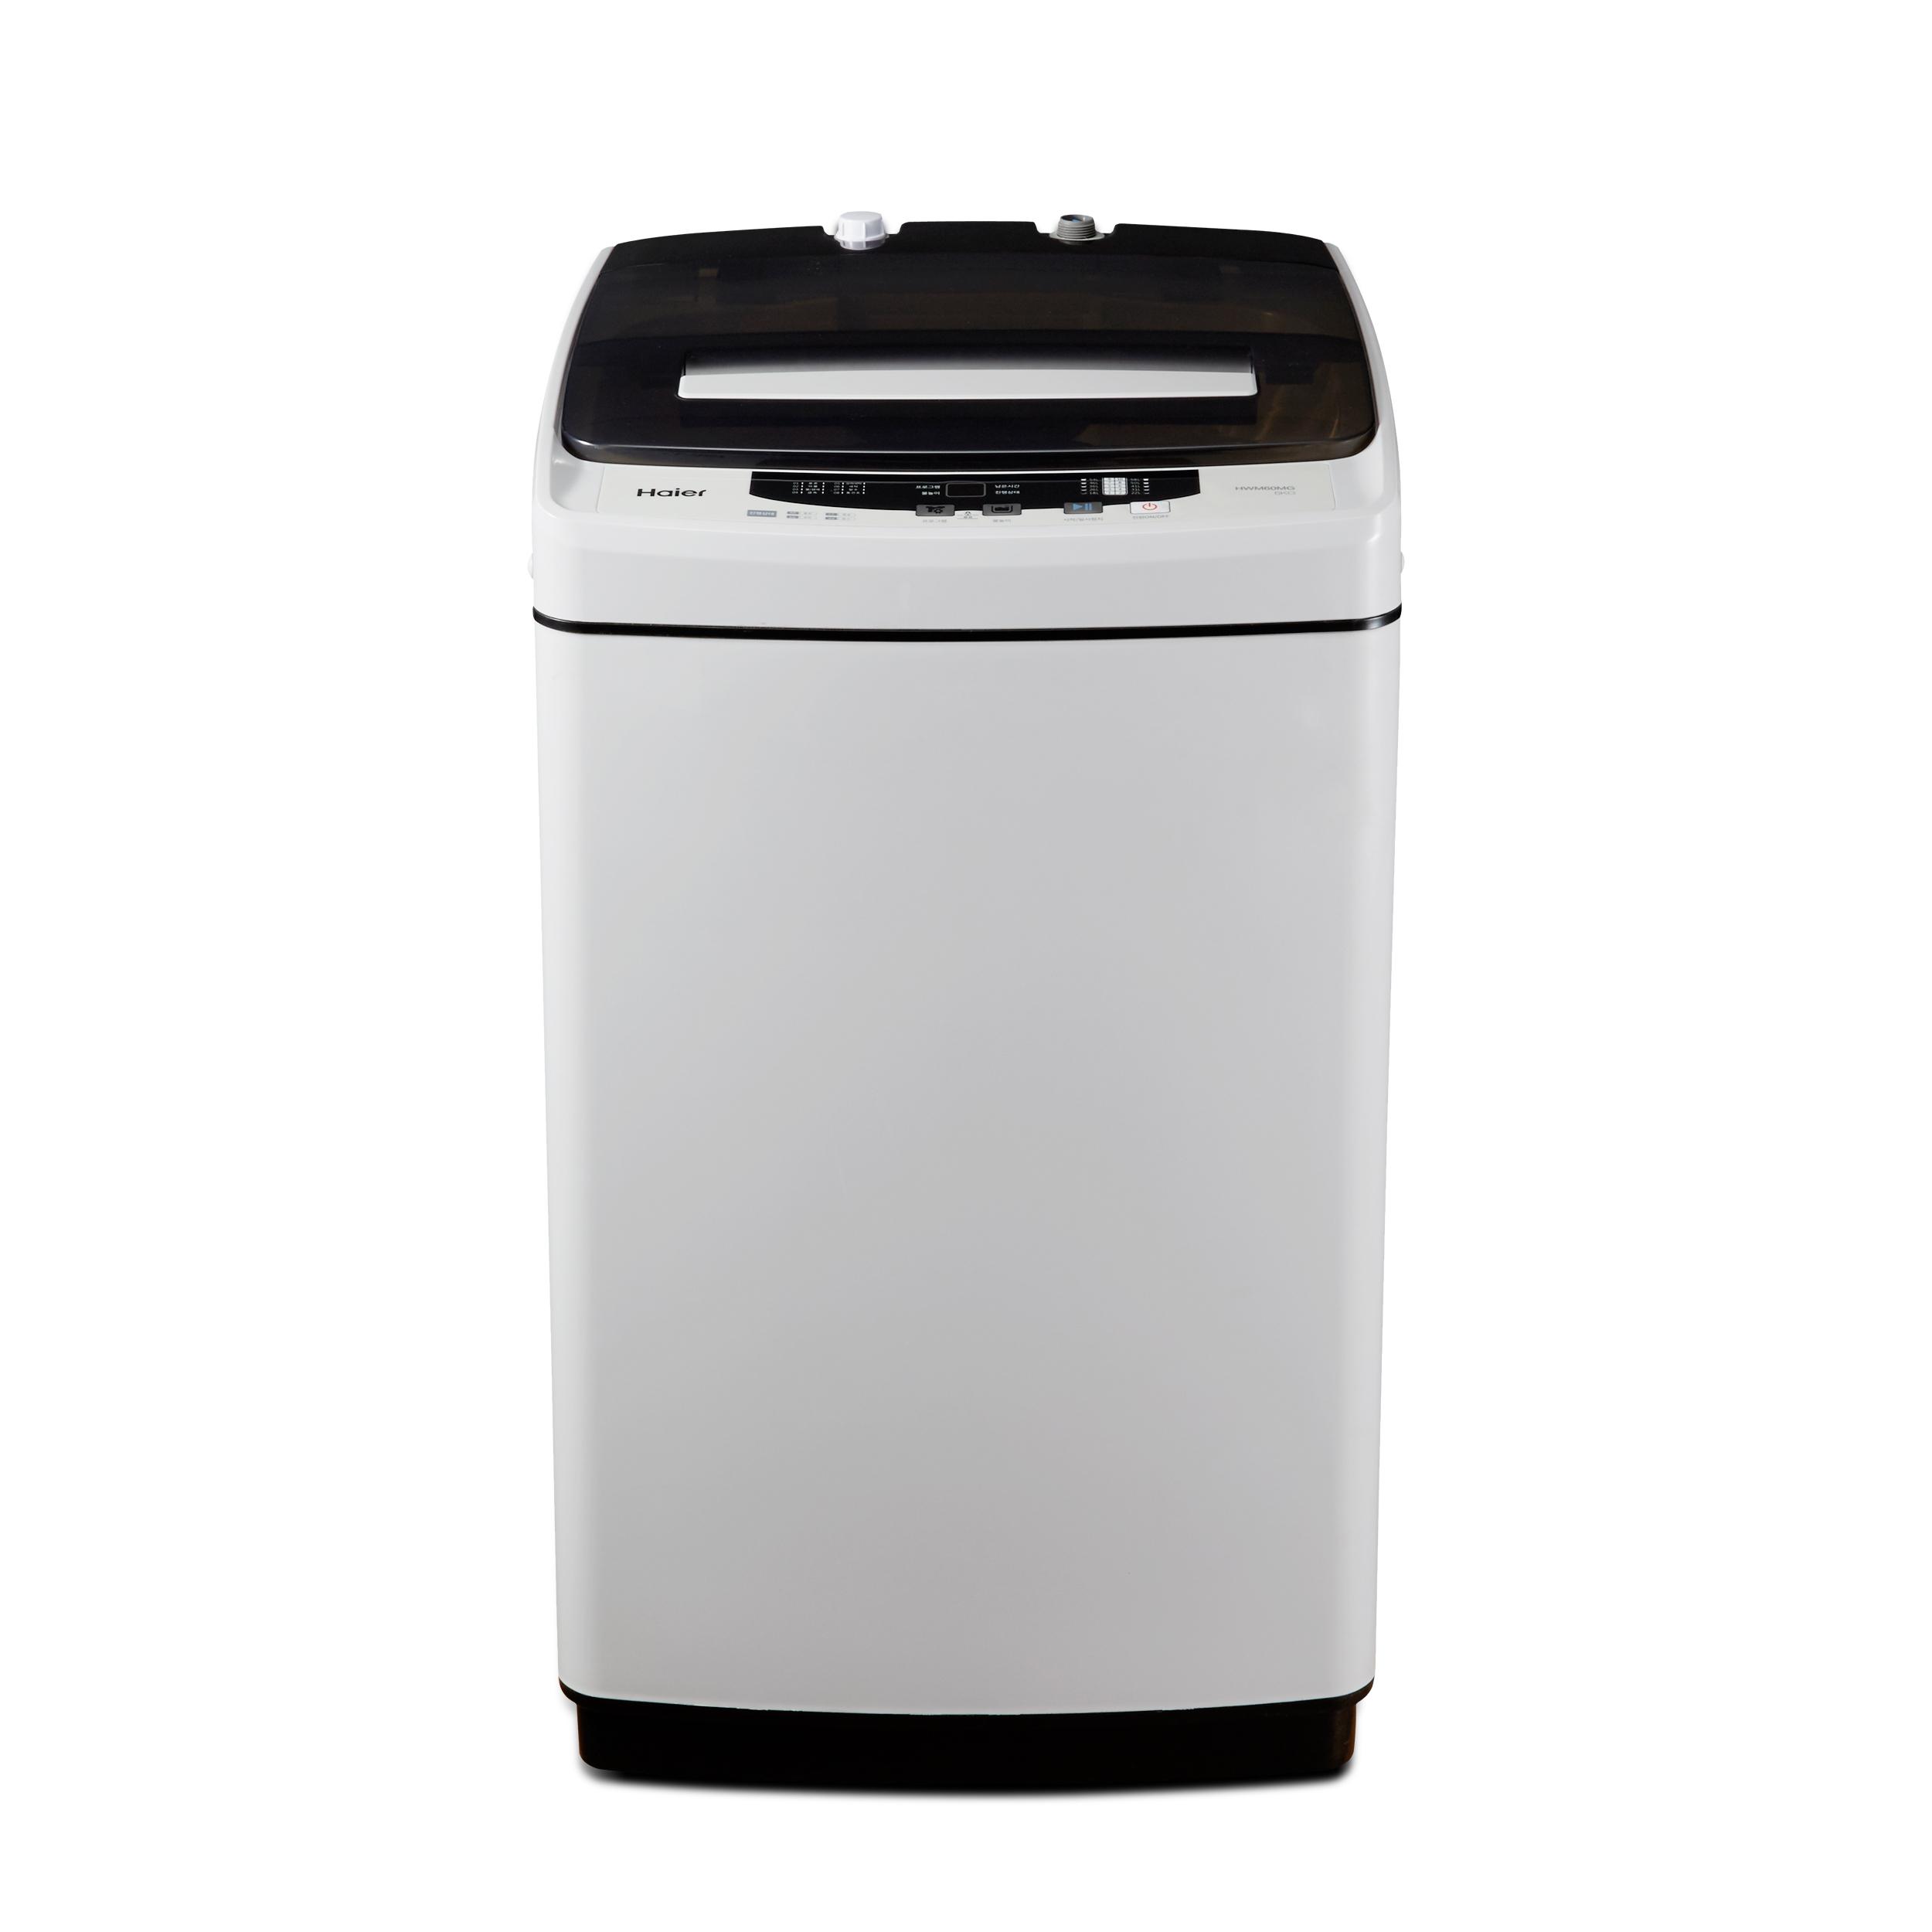 하이얼 1등급 소형 미니 일반통돌이세탁기 6kg 방문설치, HWM60MG-9-335639107